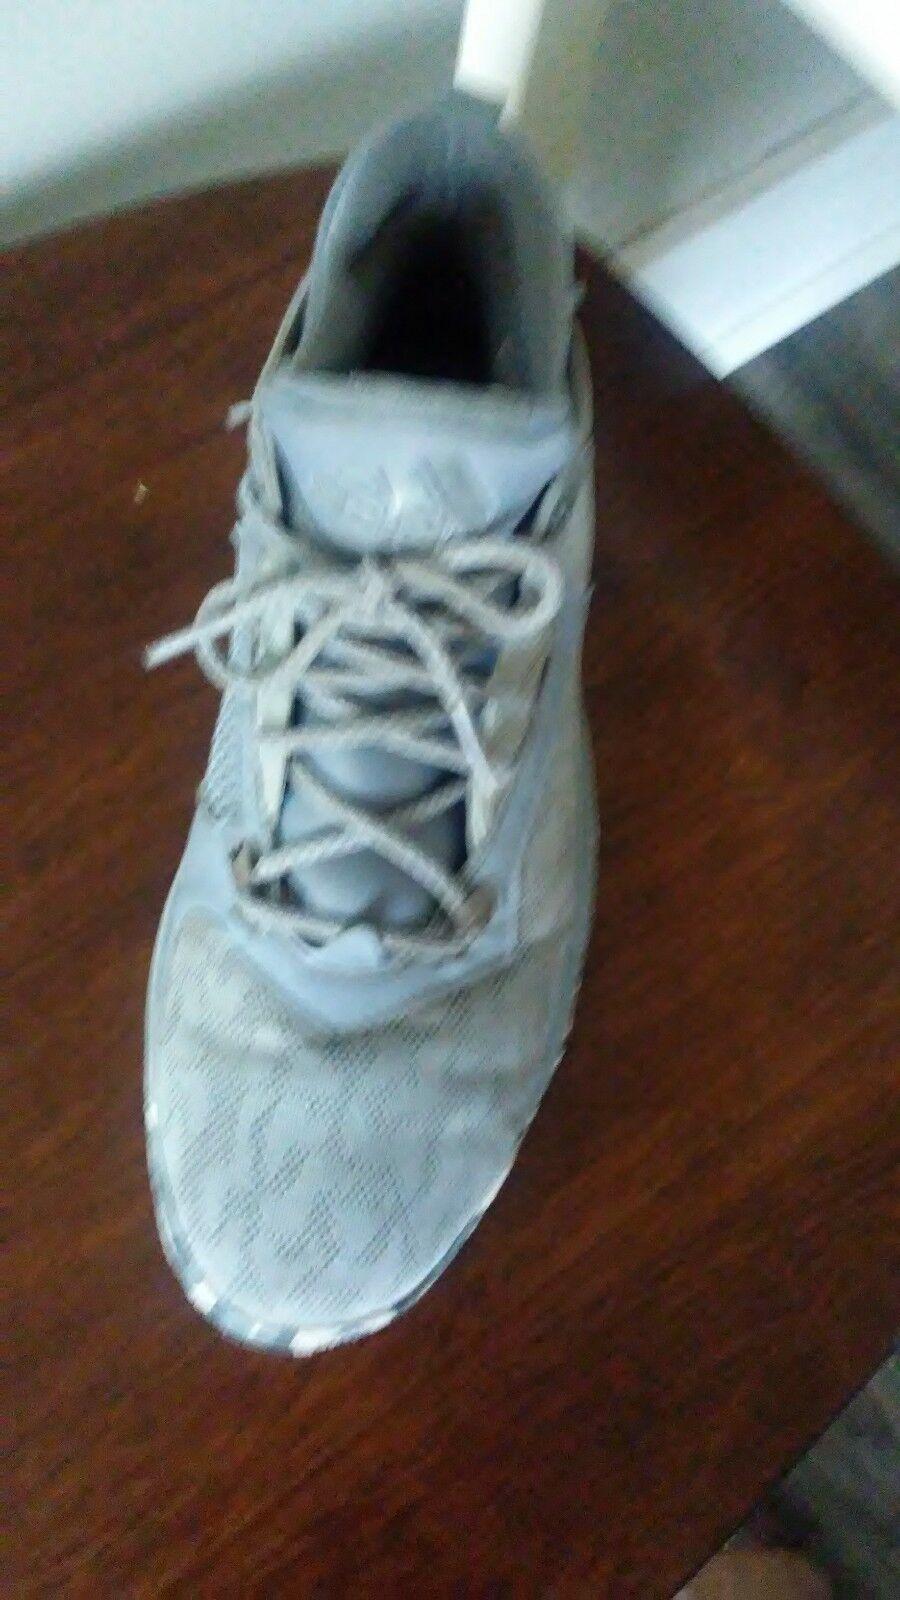 Adidas damian d lässig lillard 2 graue wippen lässig d schuhe bei basketball - größe 11 7c67c1